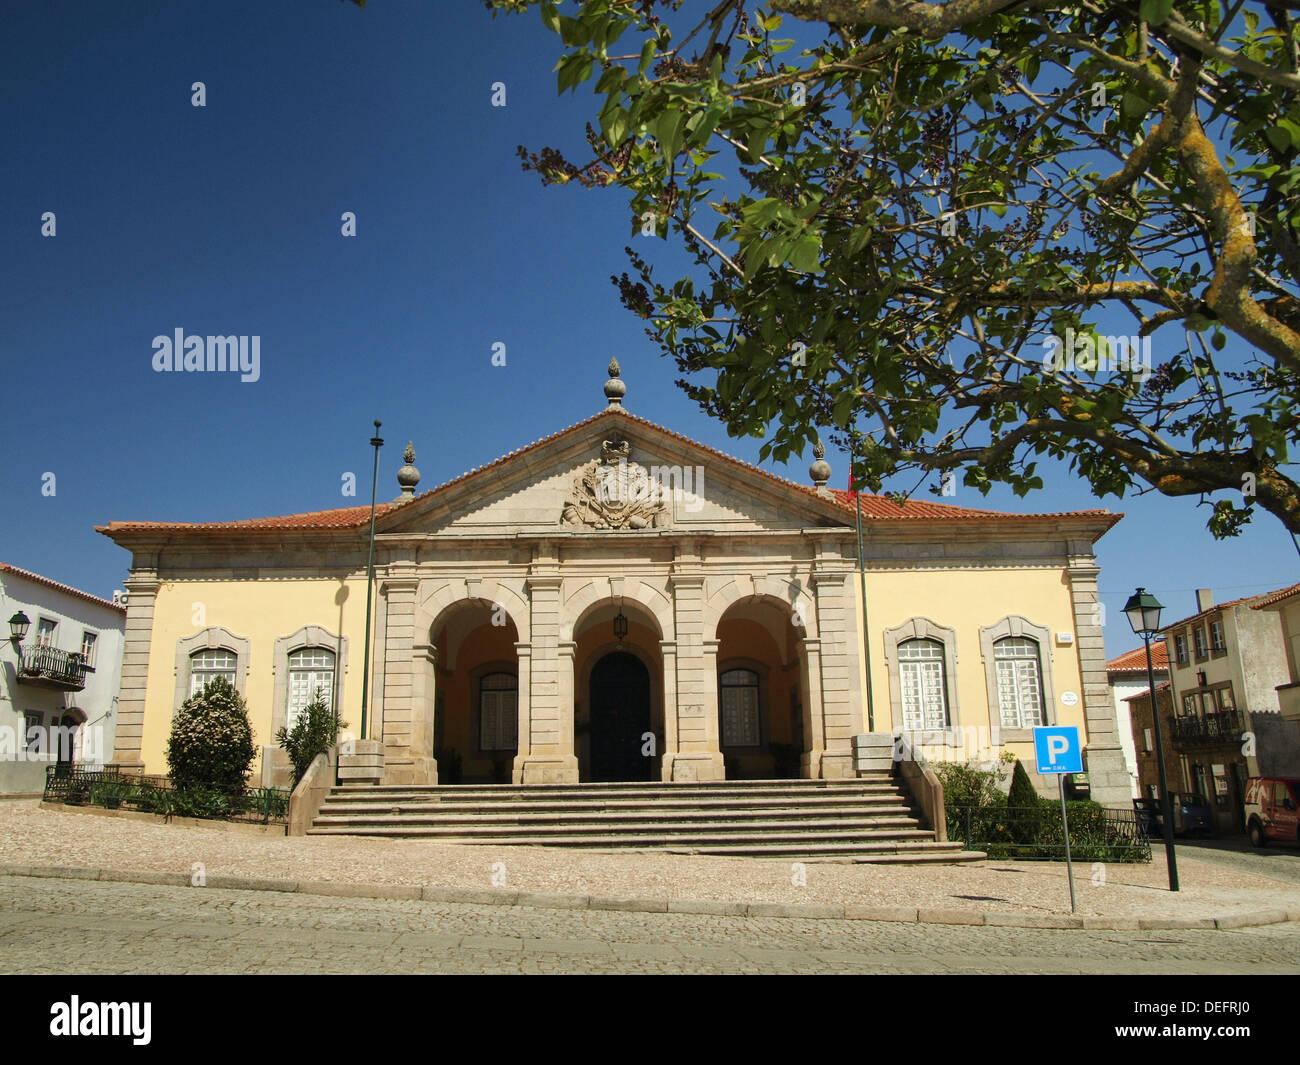 Corpo da Guarda principale. Almeida, pueblo medievale. Il Portogallo. Immagini Stock